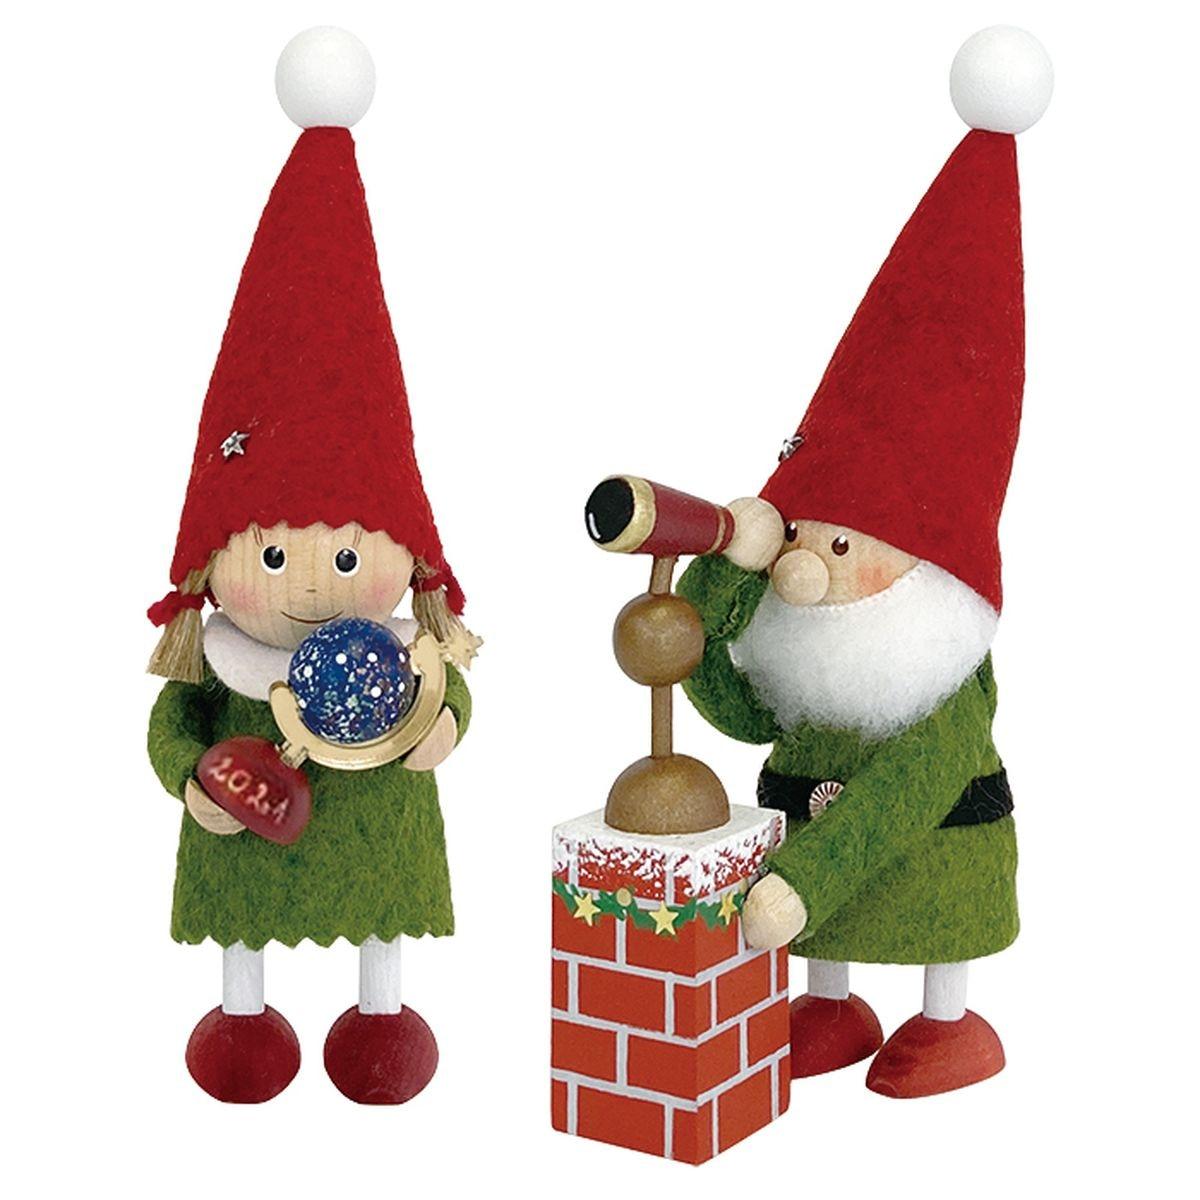 NORDIKA Nisse ノルディカ ニッセ クリスマス 木製人形 イヤーズノルディカ2021 NRD120670